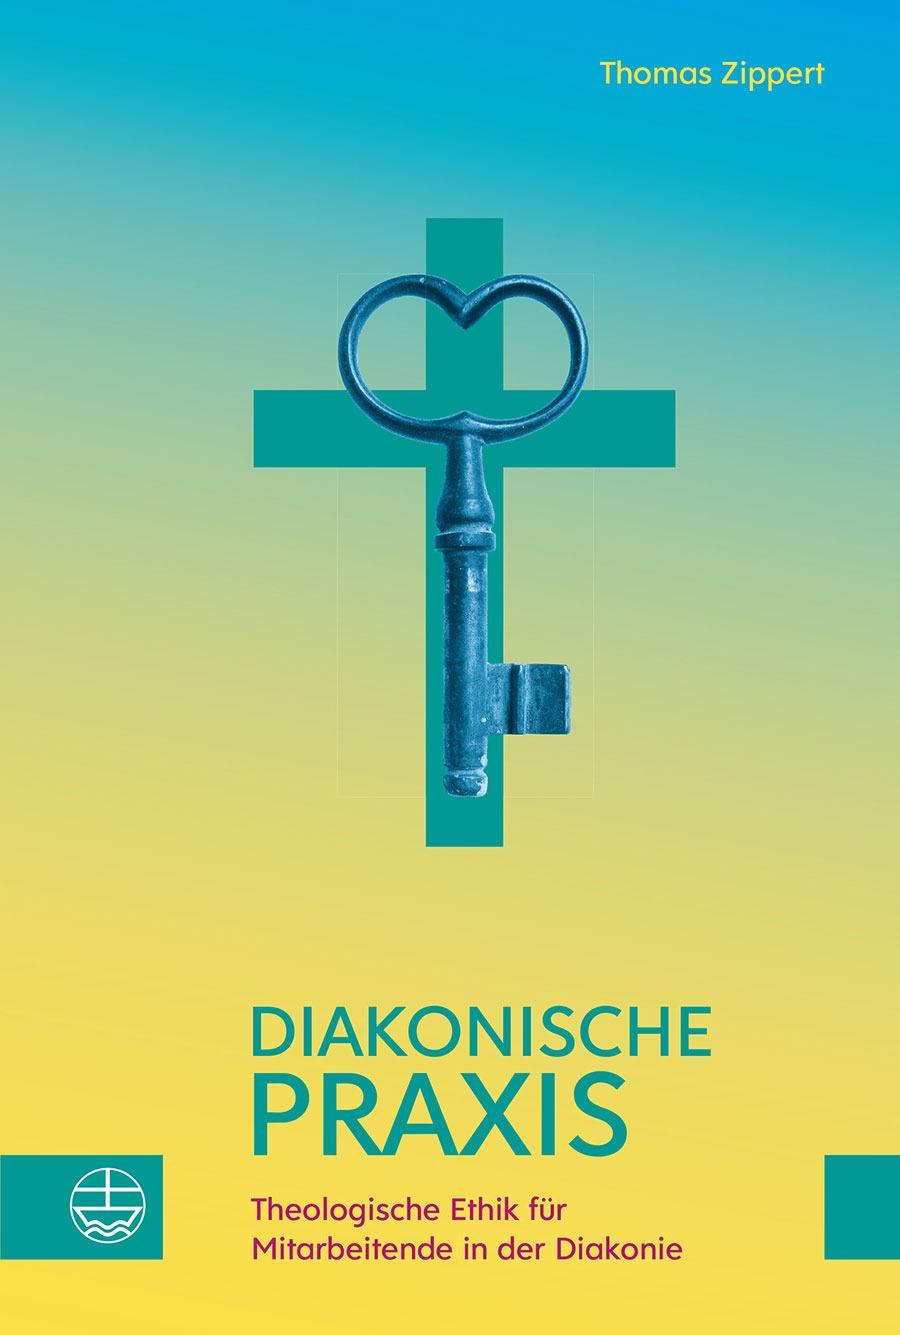 Theologische Ethik Für Mitarbeitende In Der Diakonie